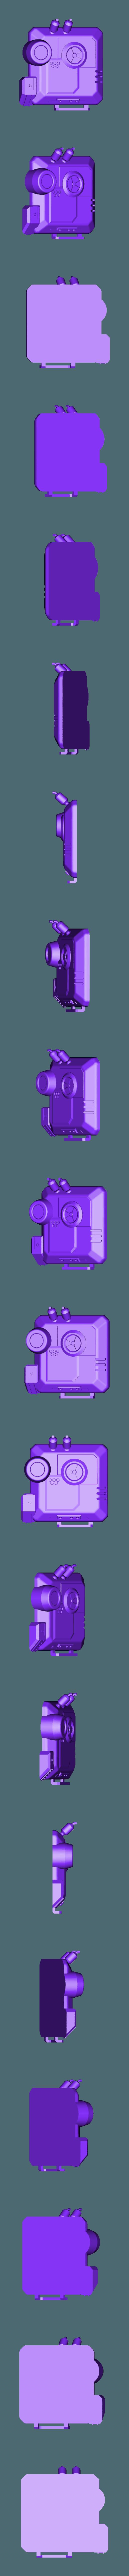 supply_depot_top.stl Télécharger fichier STL gratuit Dépôt d'approvisionnement Starcraft 2 • Modèle à imprimer en 3D, Lance_Greene